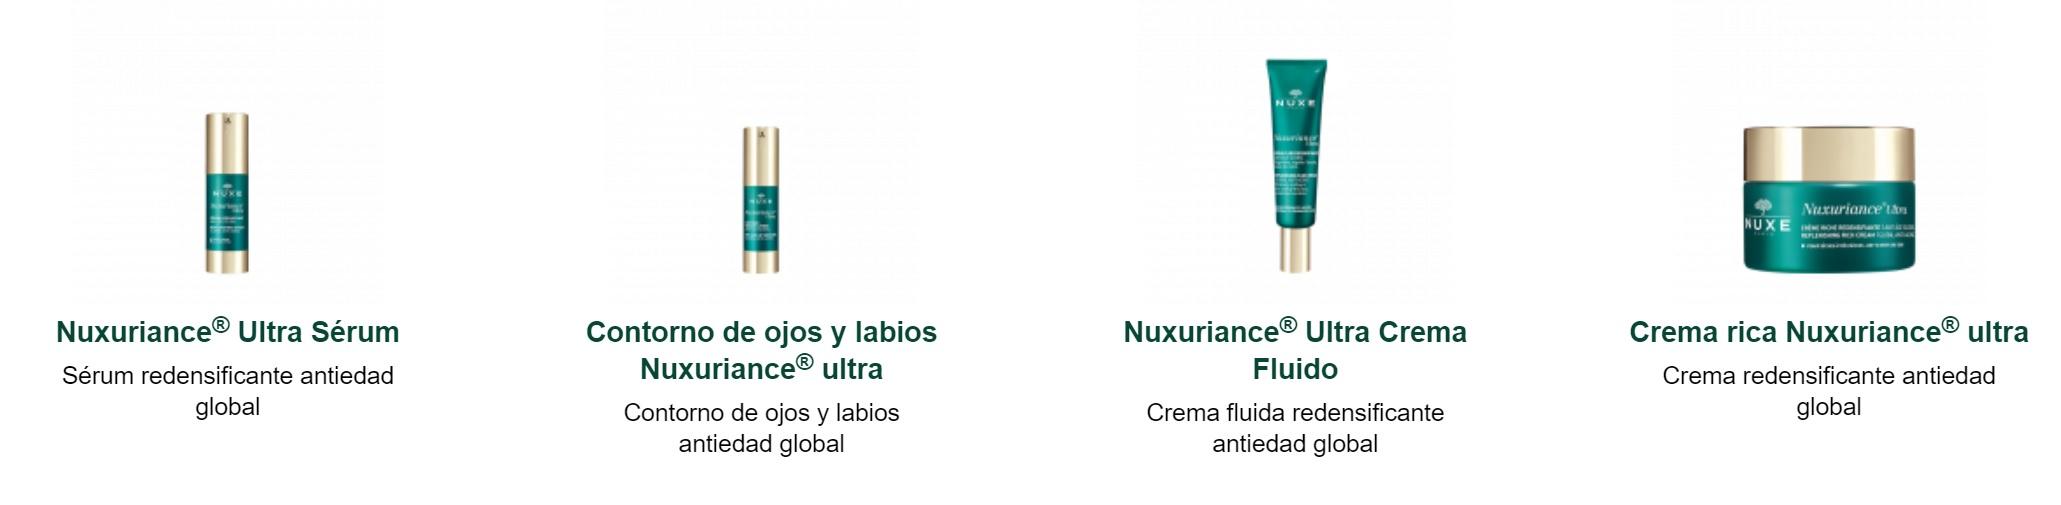 Nuxuriance Gama de Productos en Farma2go